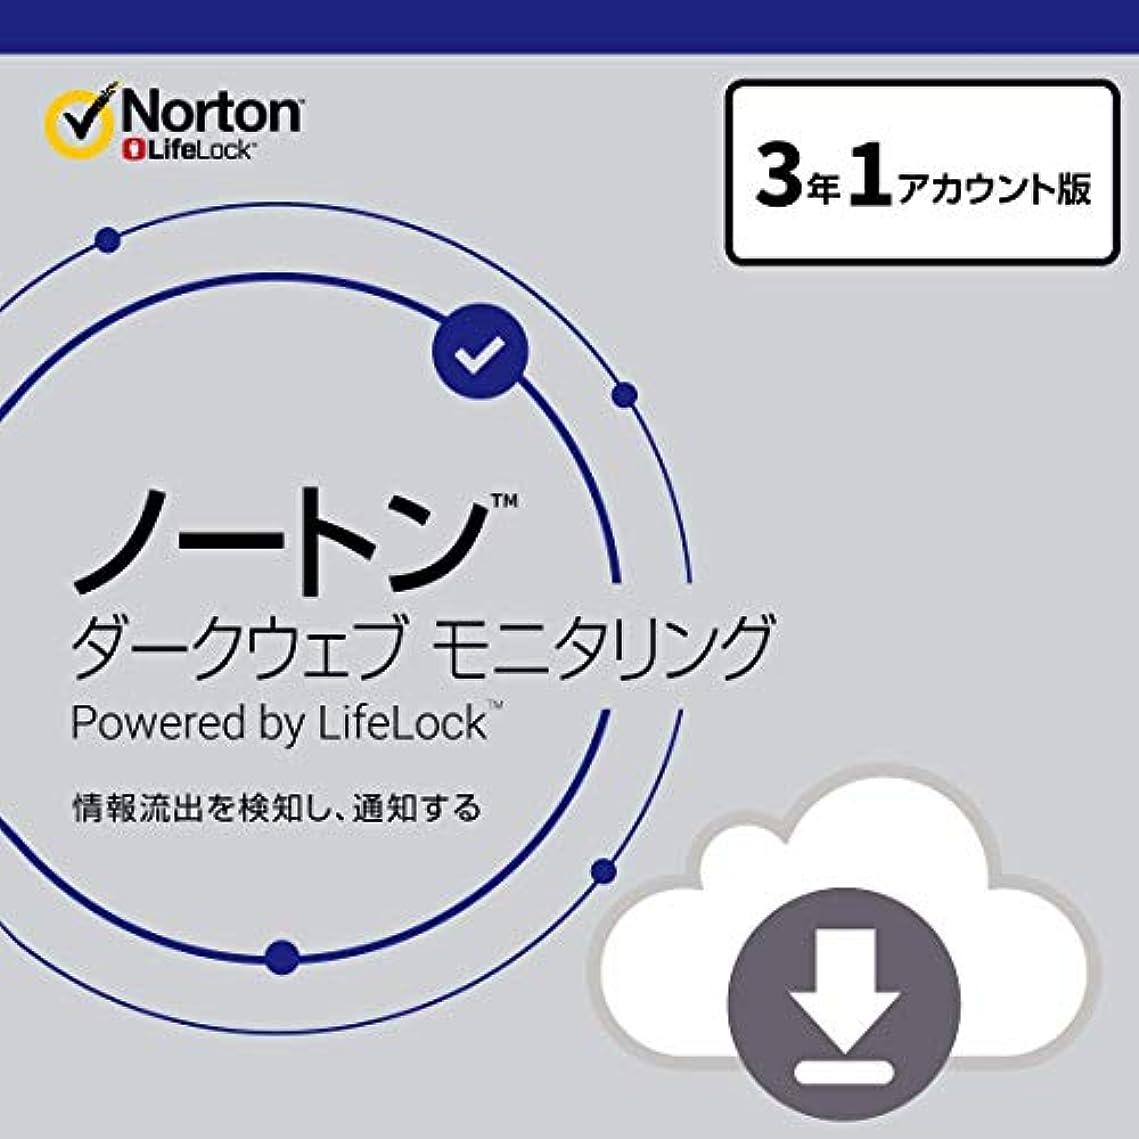 香水嵐が丘造船ノートン ダークウェブ モニタリング Powered By LifeLock | 1ユーザー3年版|オンラインコード版|Win/Mac/iOS/Android対応